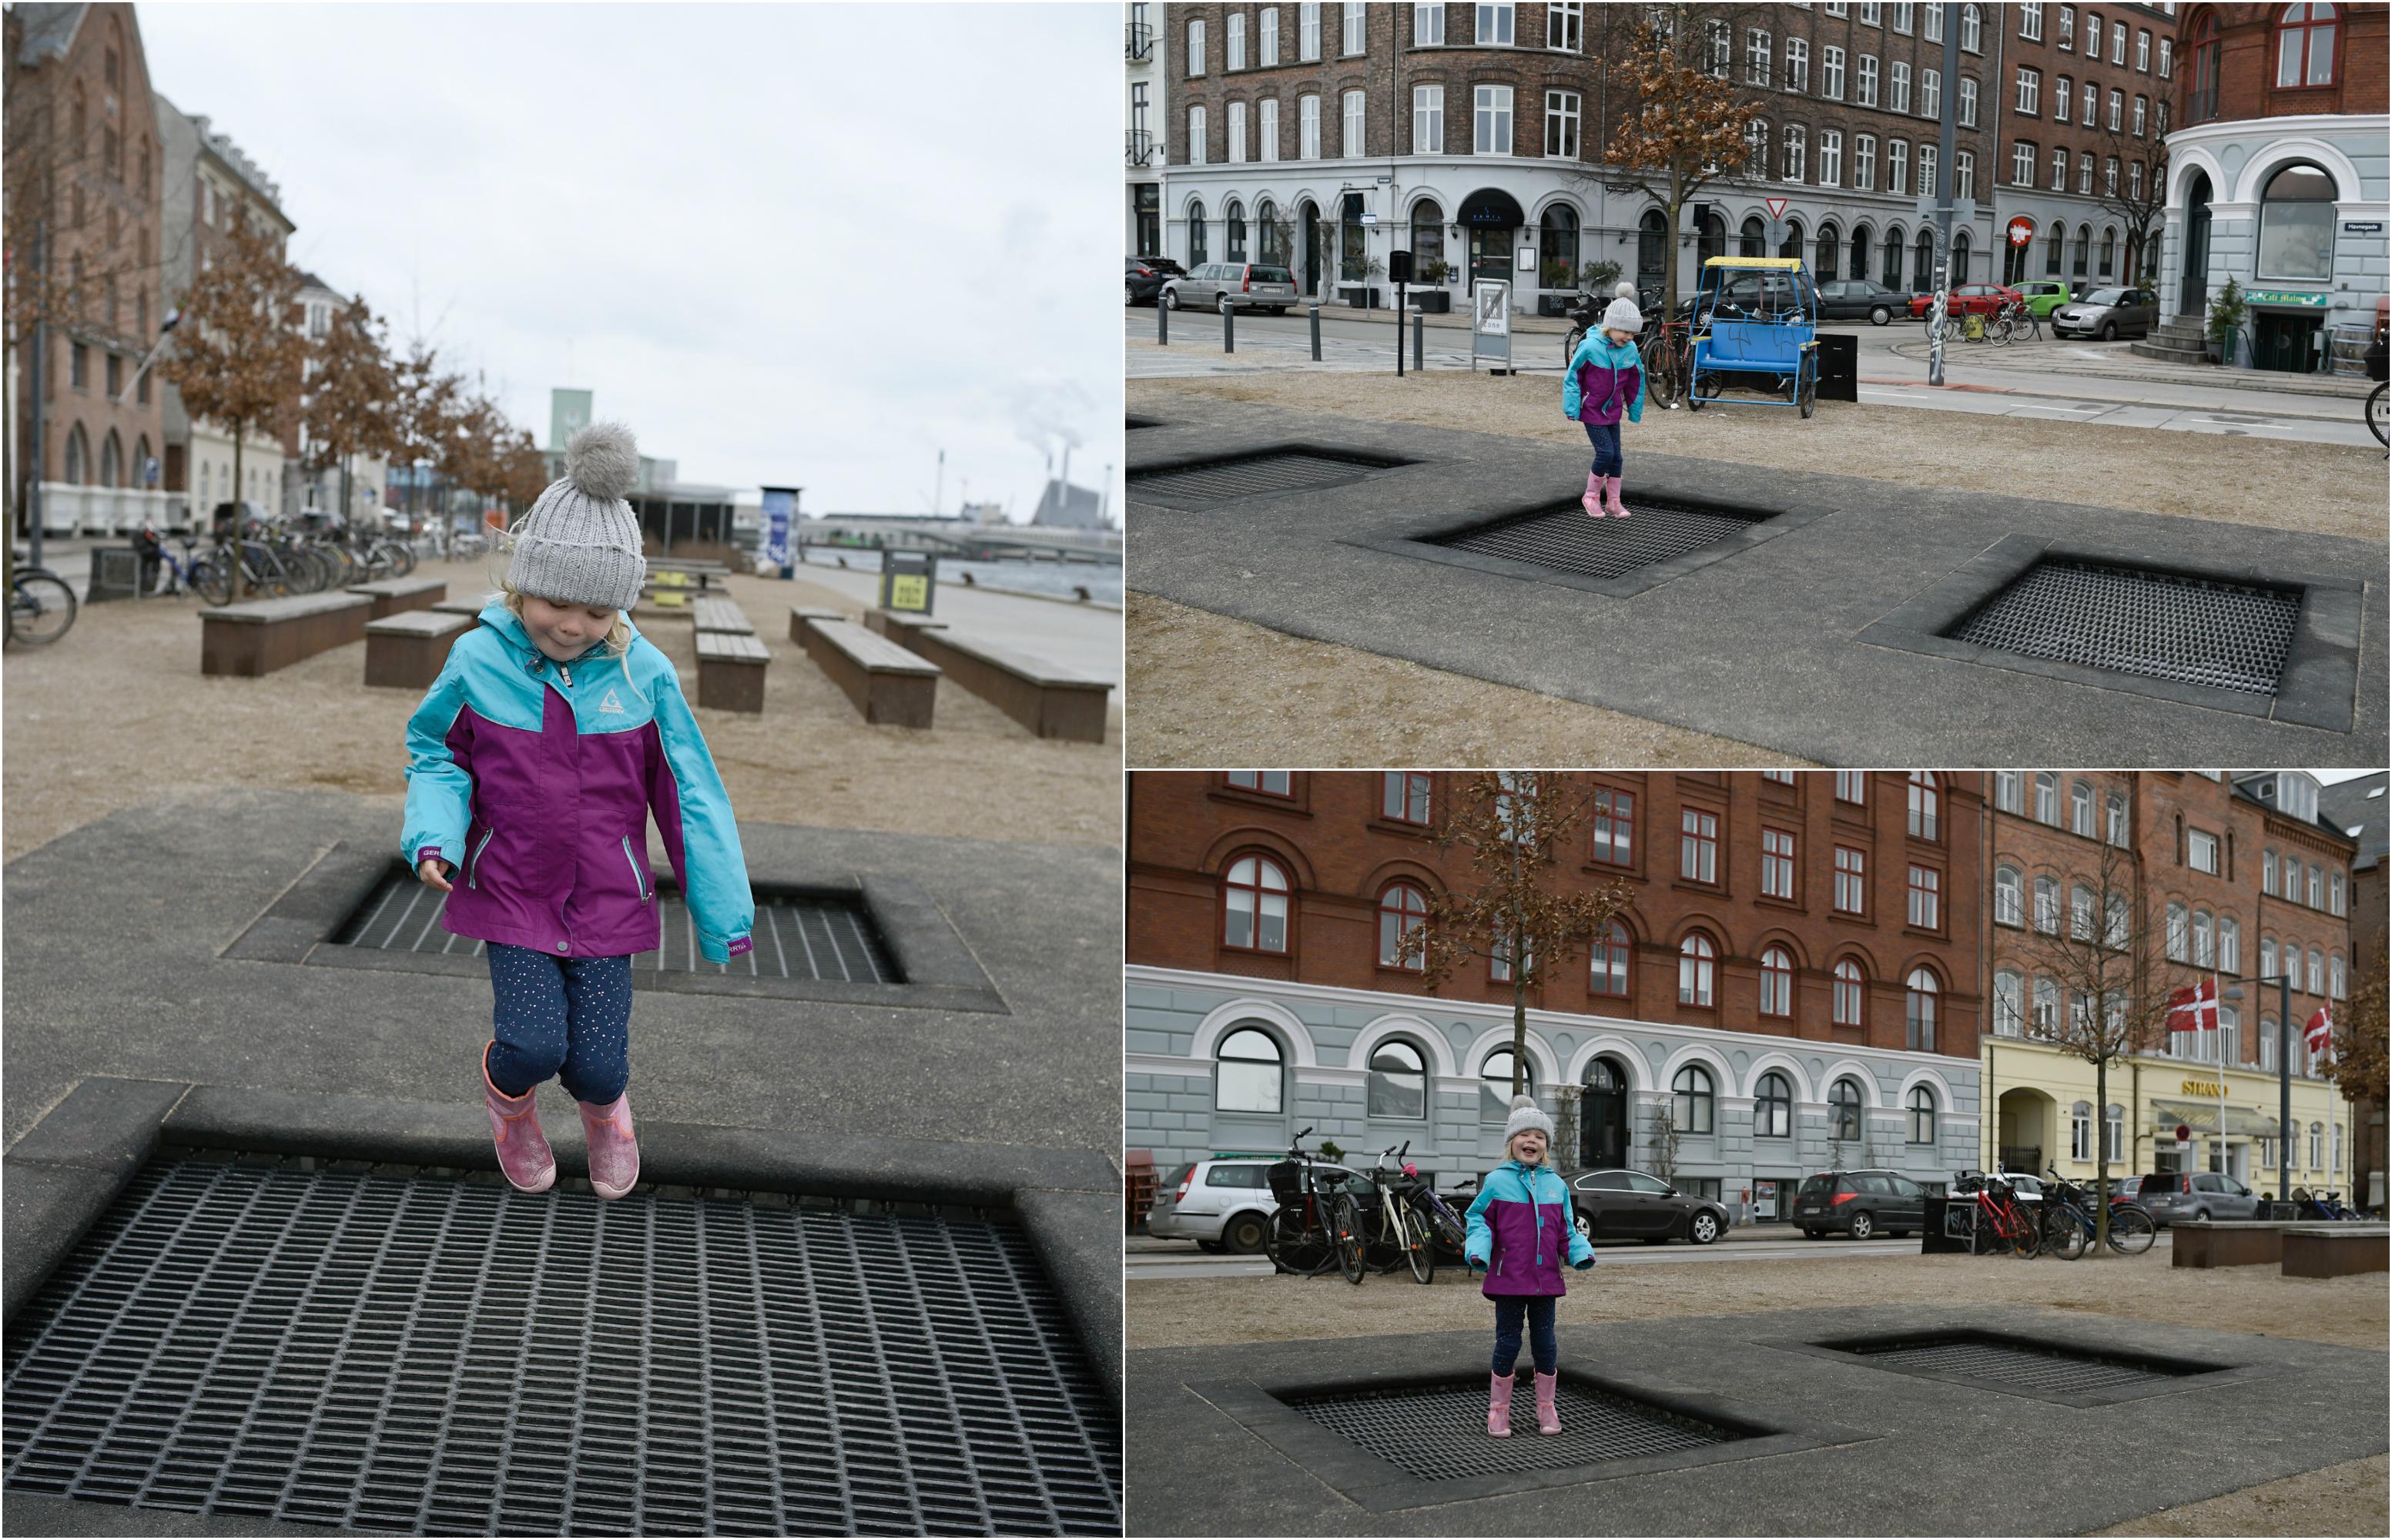 sidewalk trampolines in copenhagen